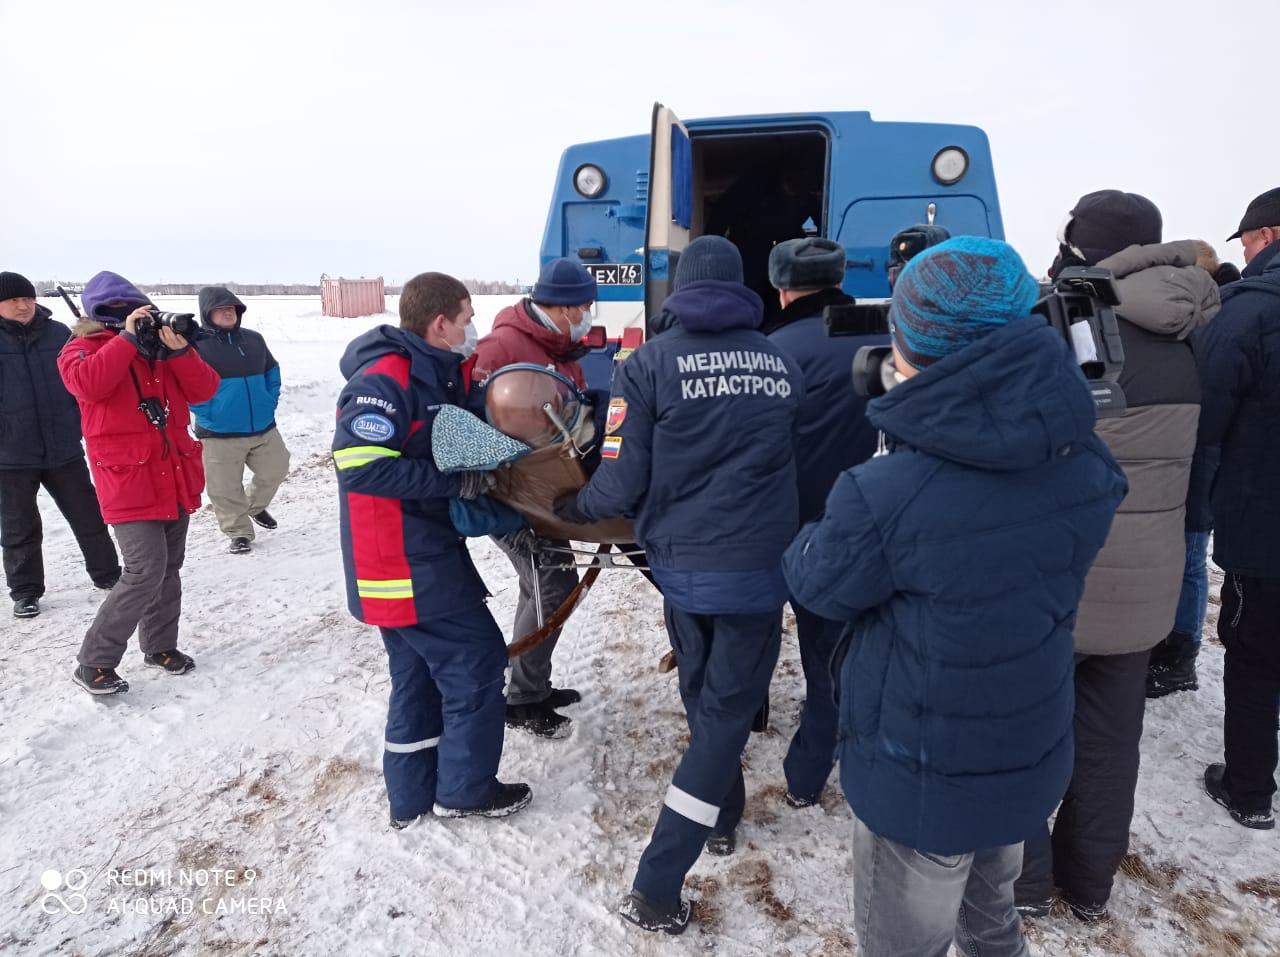 Специалисты ВЦМК «Защита» ФМБА России отработали спасение космонавтов в ходе межведомственных учений